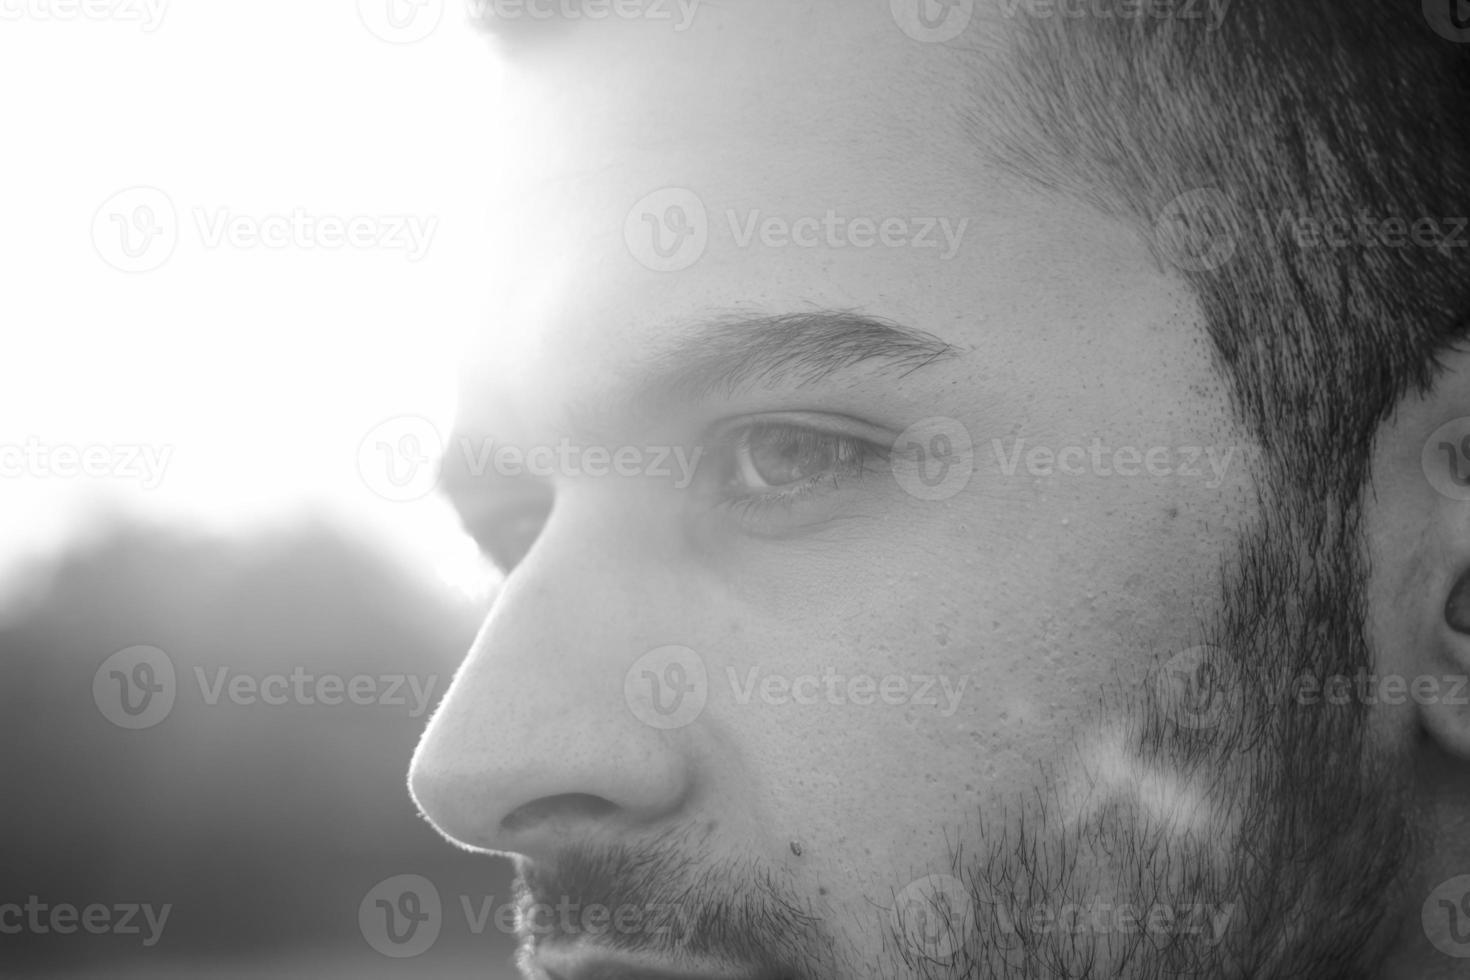 ansikte på nära håll av unga män, starkt solljus foto